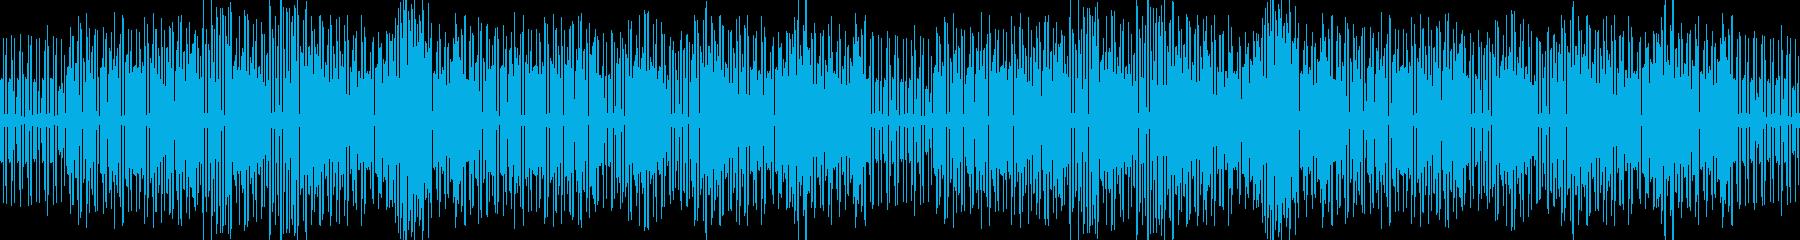 動画向きのんびりとした手回しオルガンの再生済みの波形